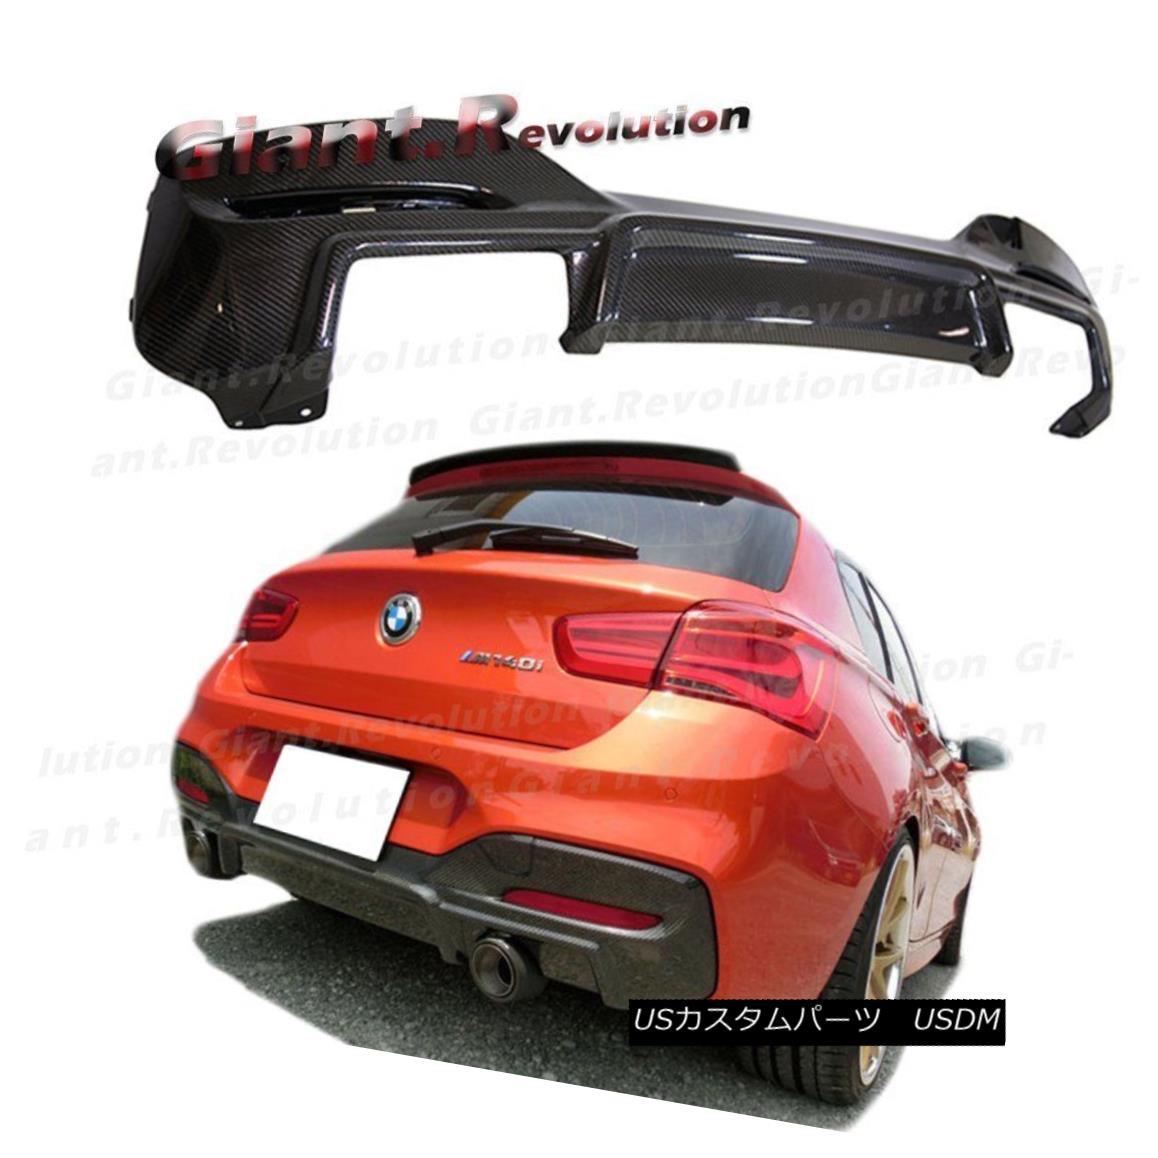 エアロパーツ E.CC Type Carbon Fiber M-Tech Bumper Rear Diffuser For 15UP F20 F21 LCI Hatchbak E.CCタイプカーボンファイバーM-Techバンパーリアディフューザー、15UP F20 F21 LCIハッチバック